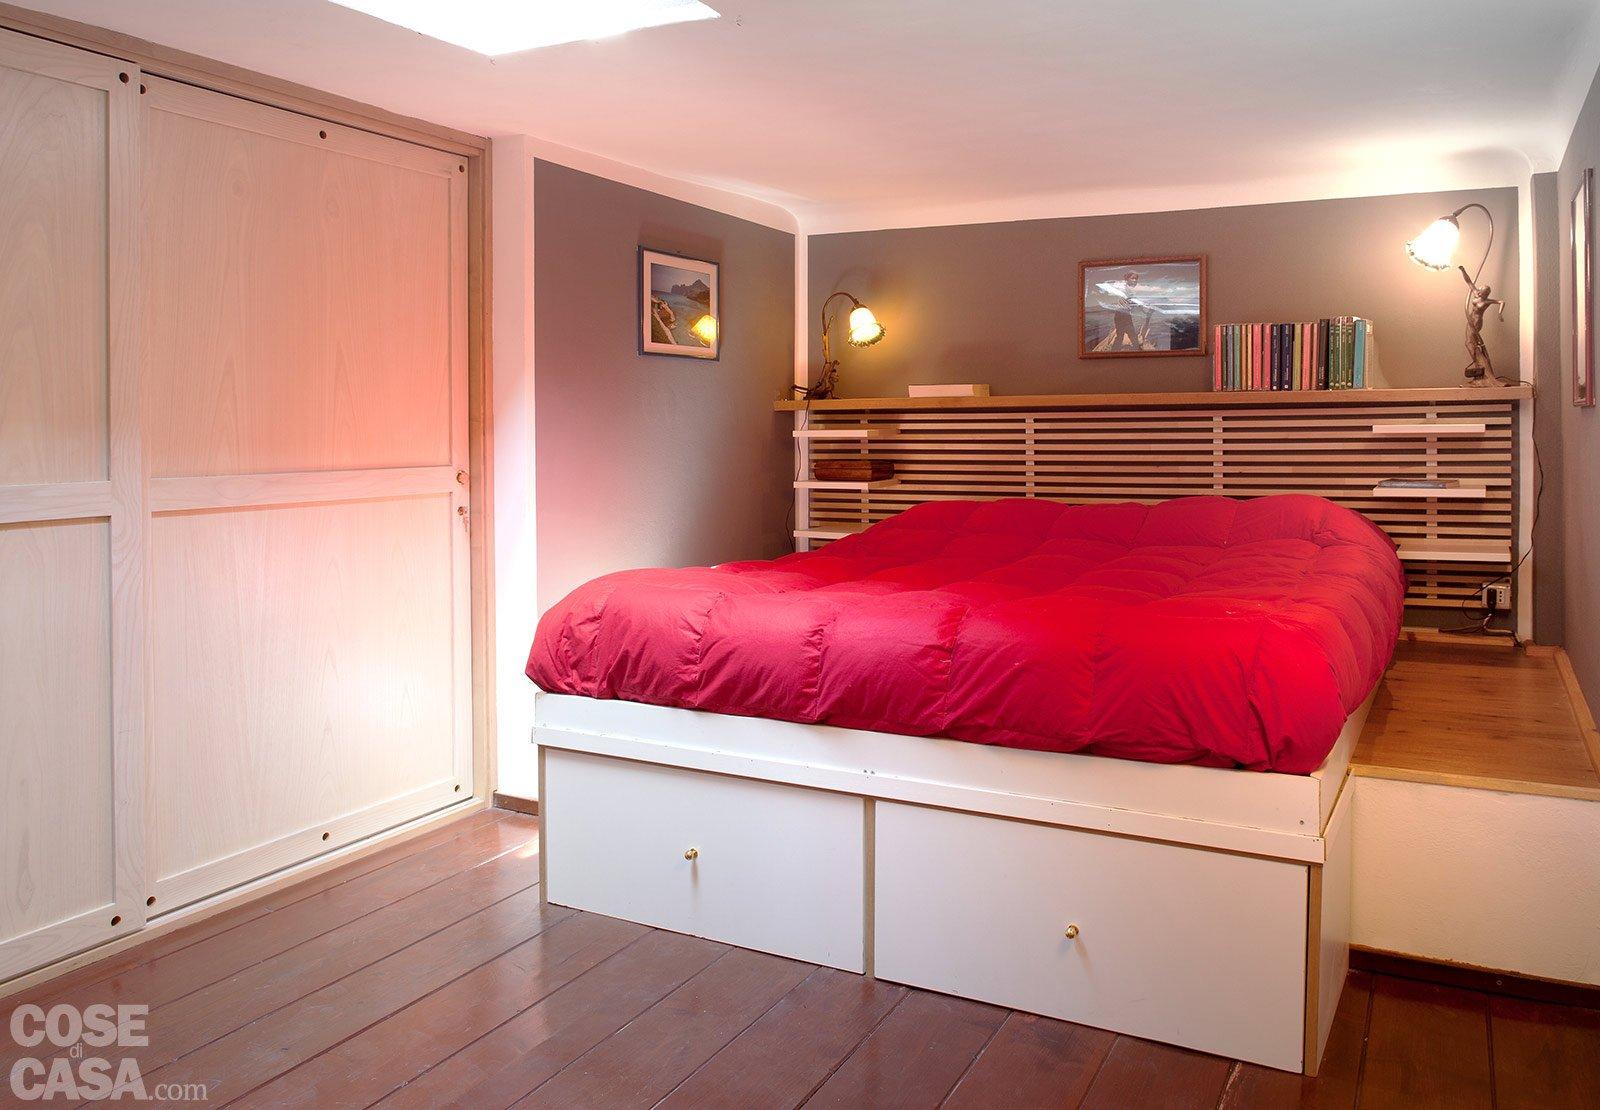 Loft una casa rinnovata con tante idee cose di casa - Rinnovare la camera da letto ...